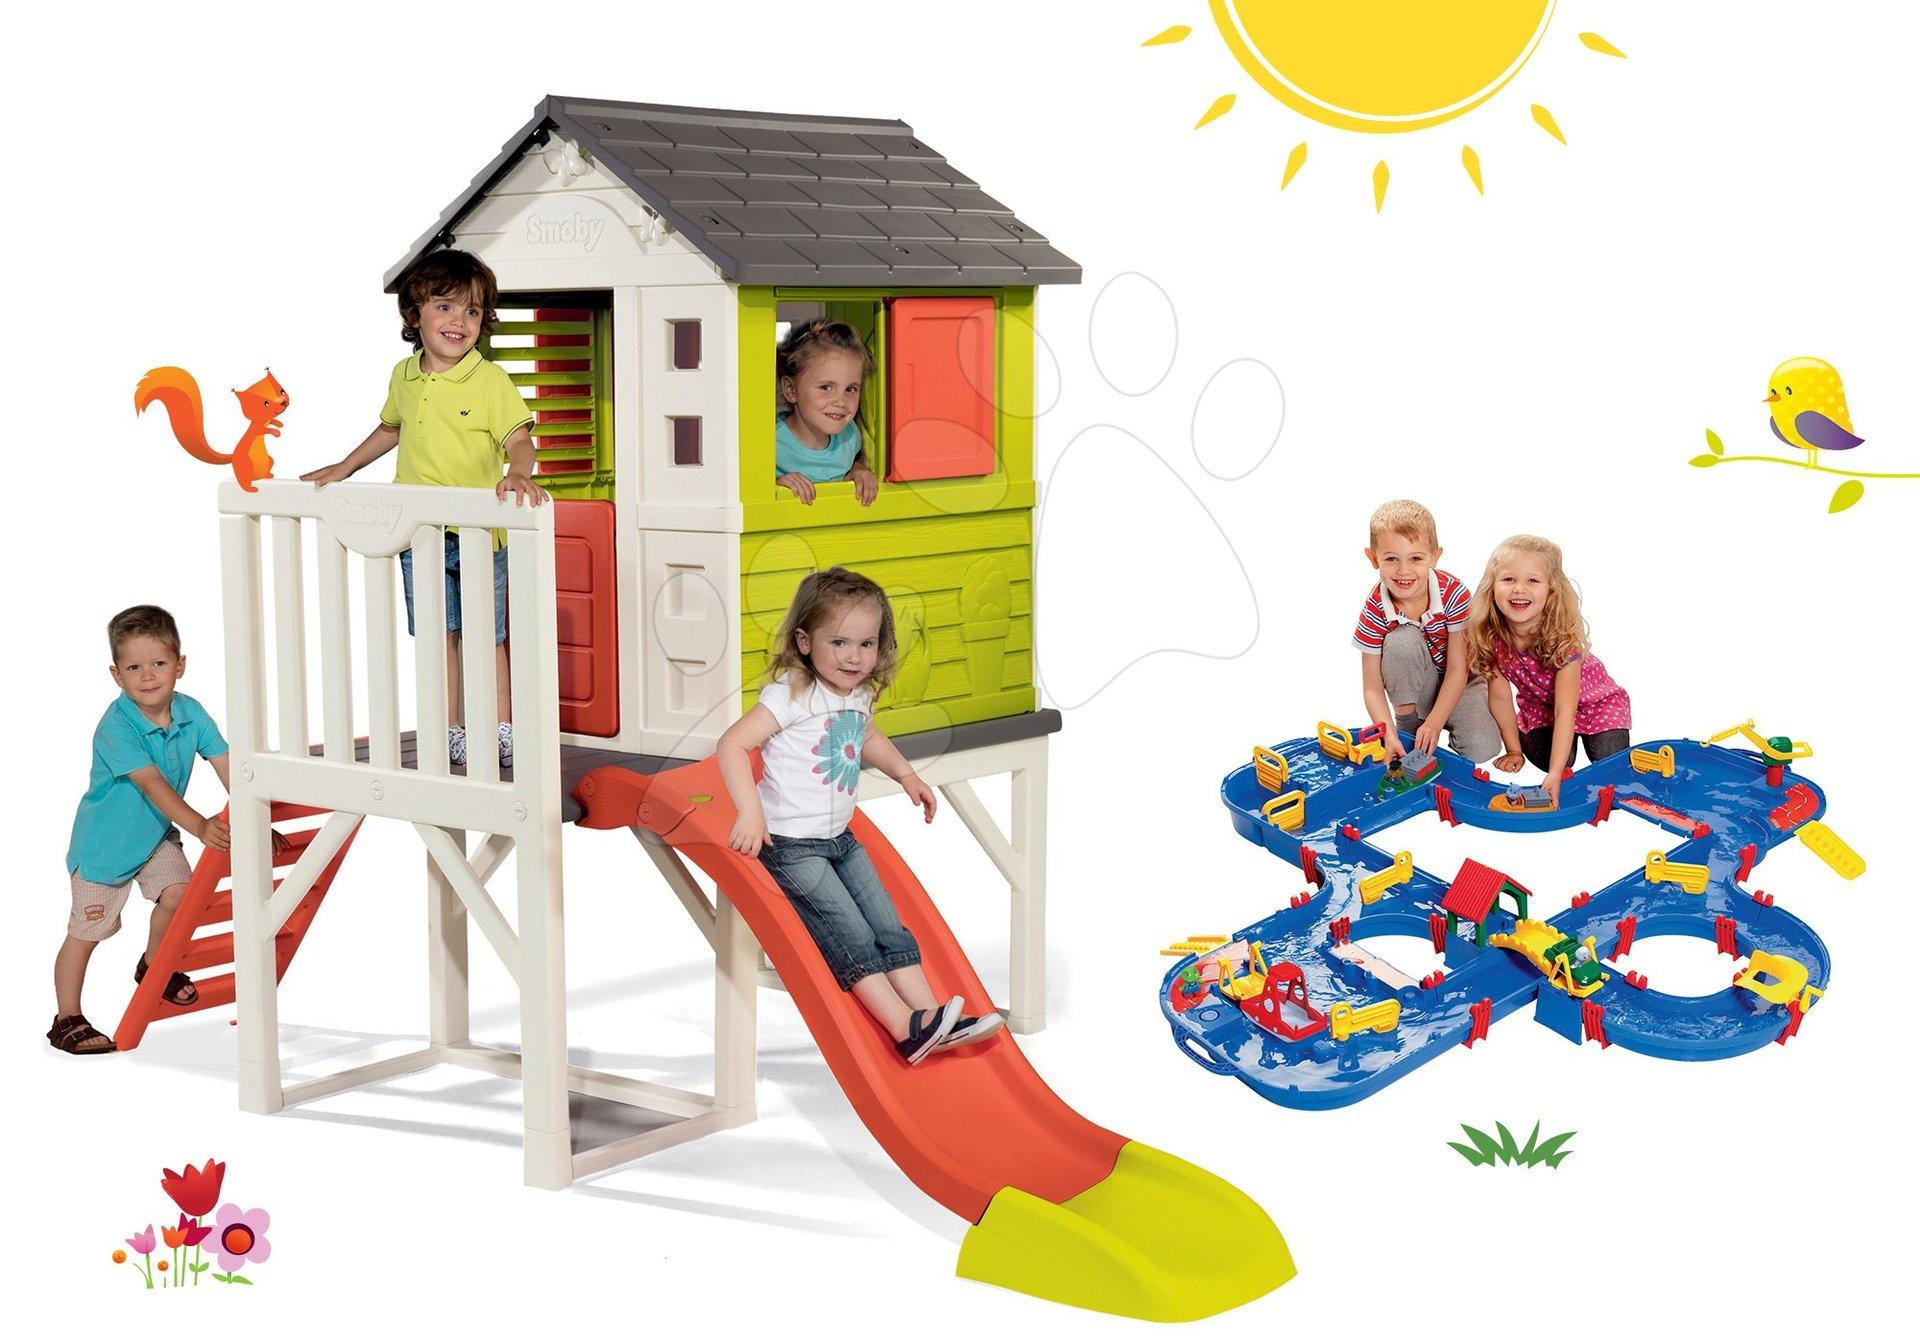 Szett házikó pilléreken Pilings House Smoby 1,5 m csúszdával és vízi pálya Aquaplay 'n Go bőröndben gáttal 24 hó-tól